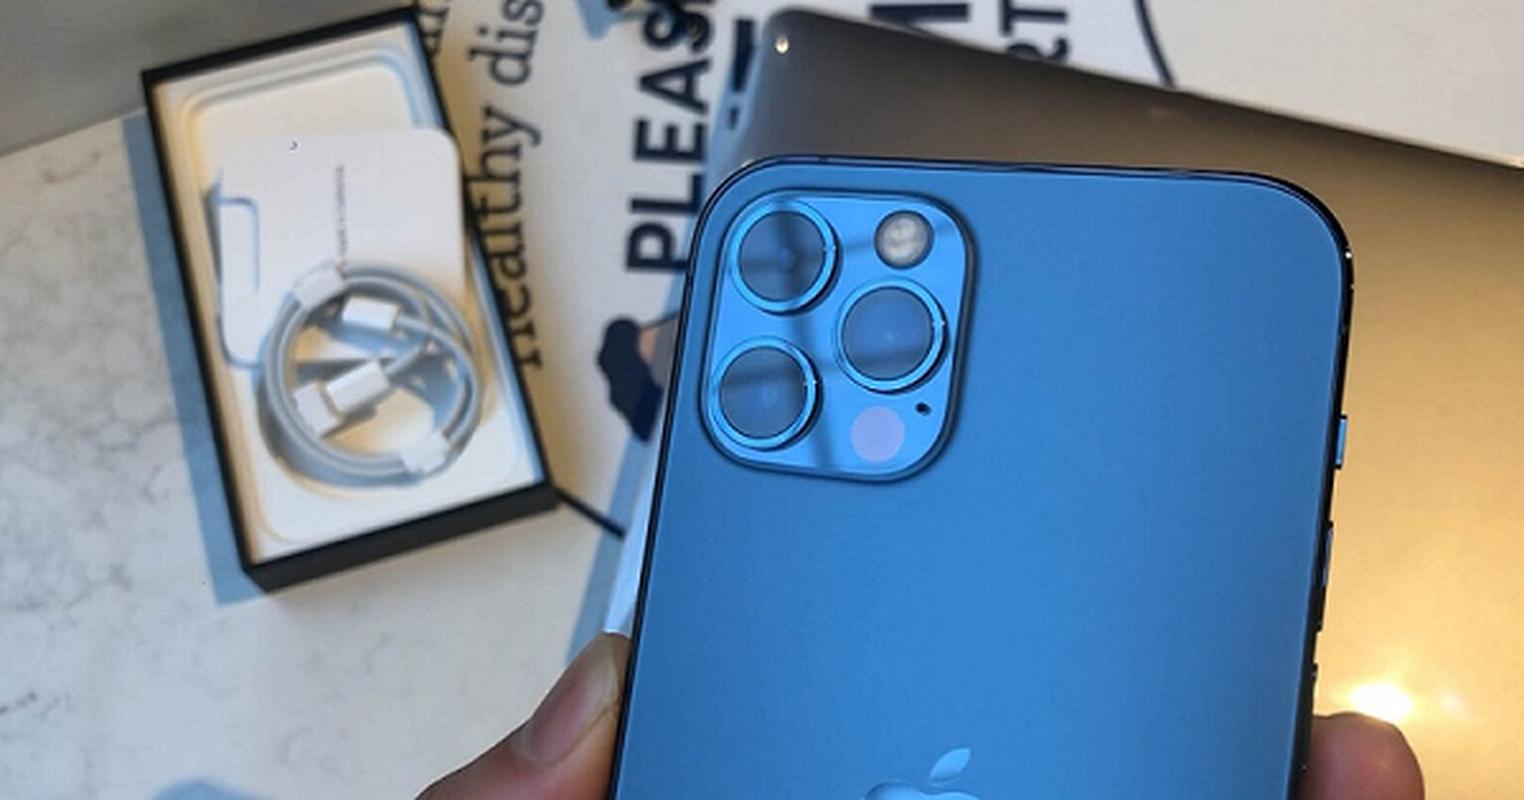 Camera iPhone 12 bi che bai loi thoi, chang khac gi iPhone 5-Hinh-11